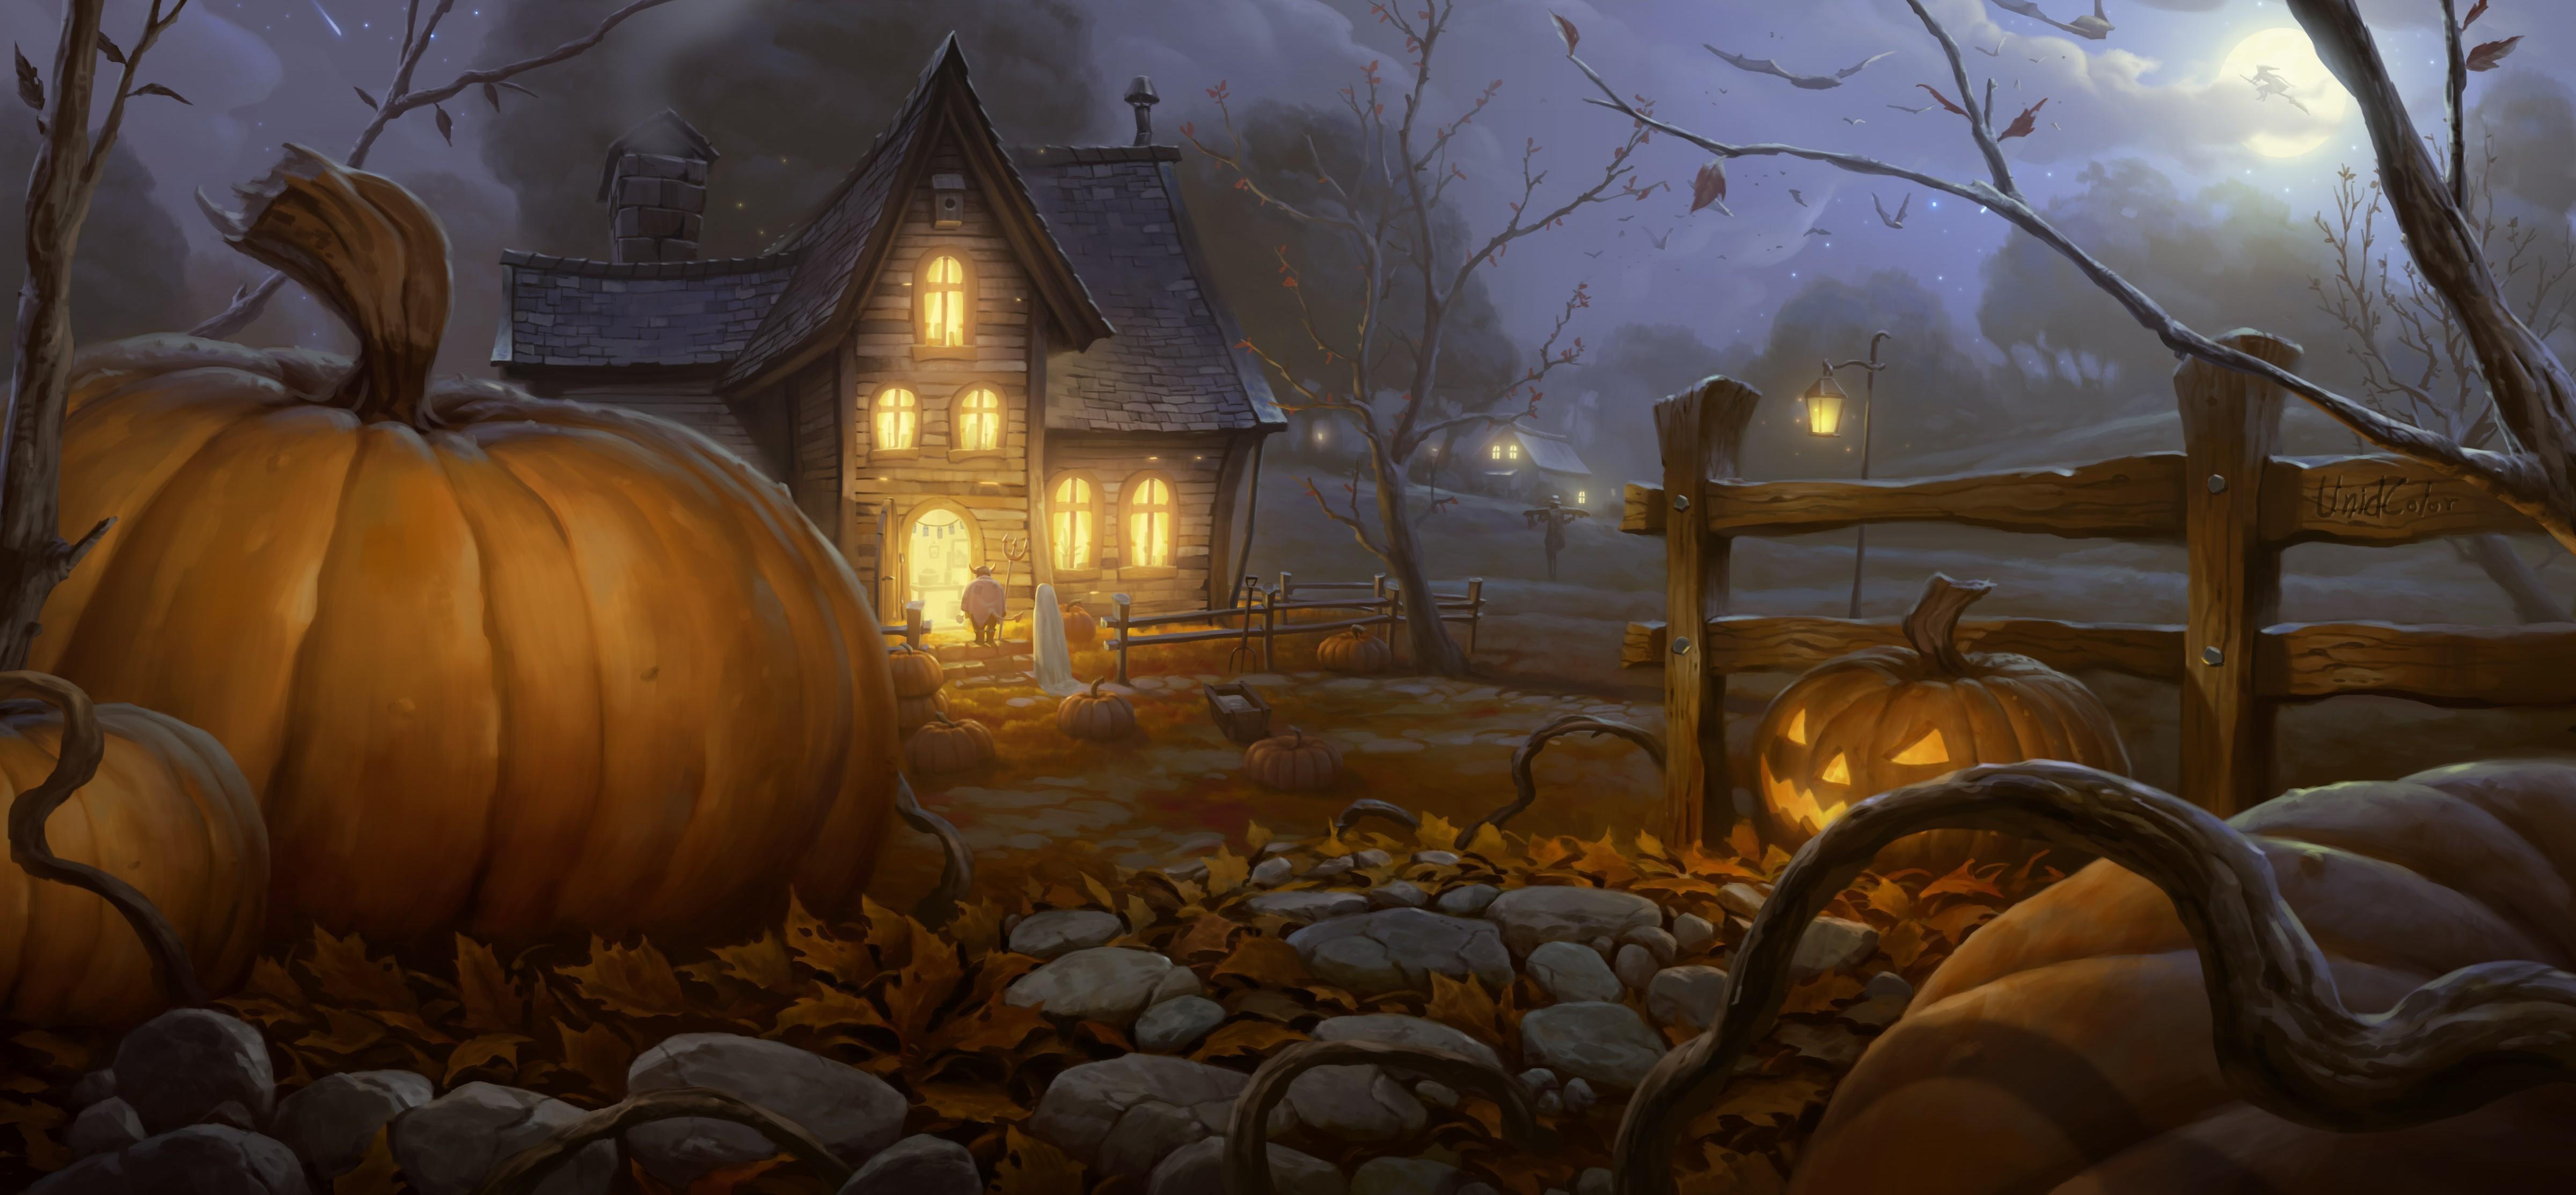 Holidays___Halloween__040793_